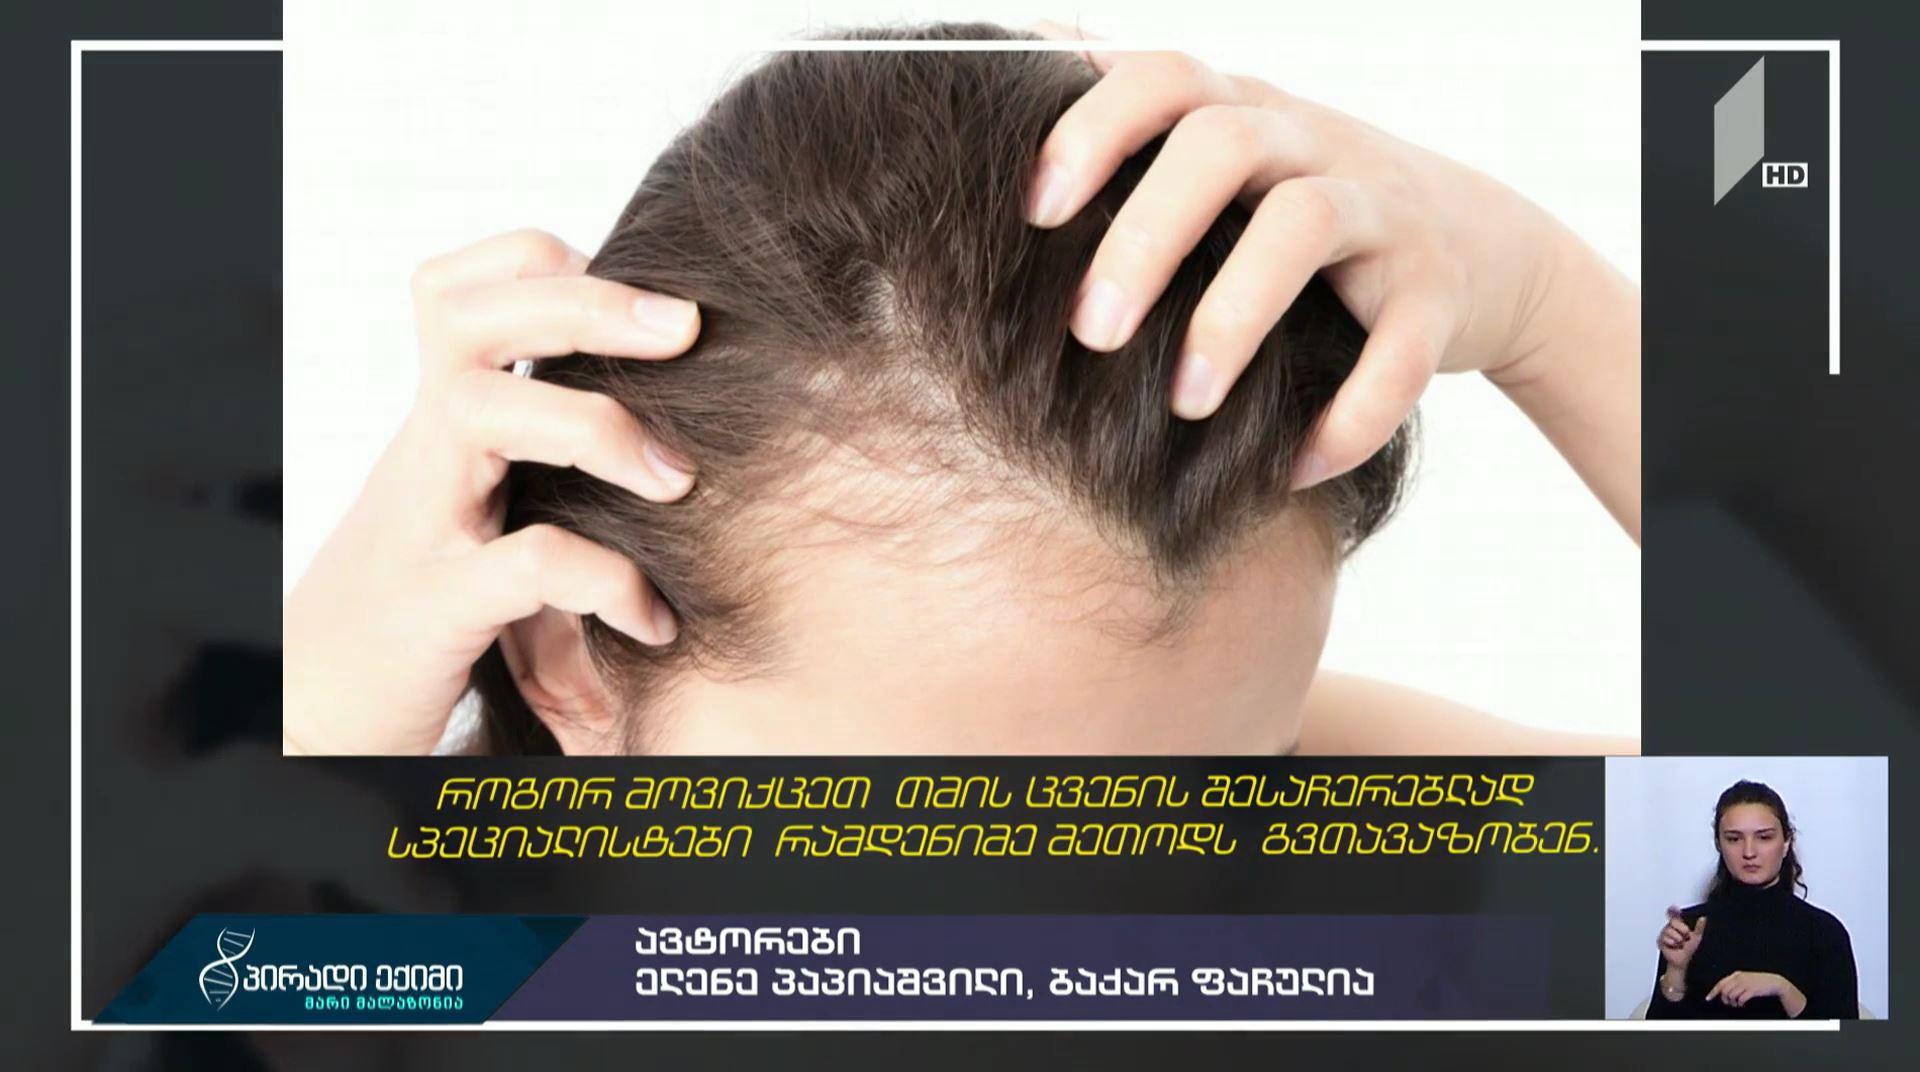 #პირადიექიმი როგორ შევაჩეროთ თმის ცვენა - სპეციალისტების რჩევები